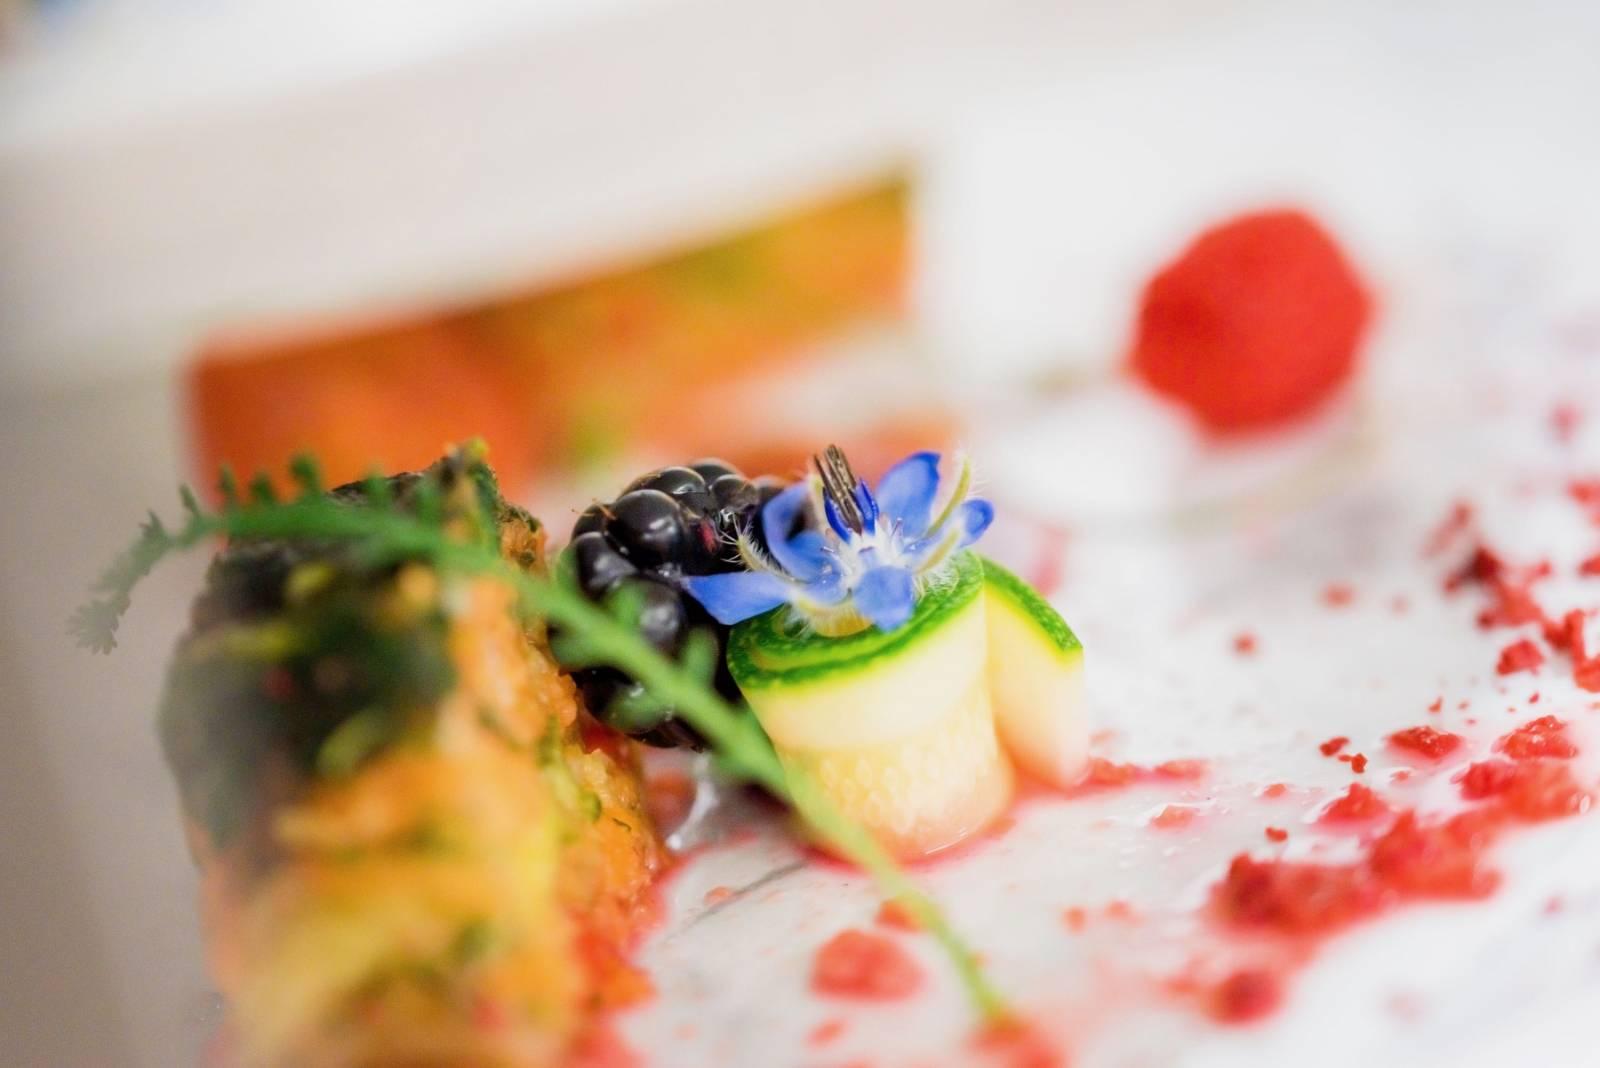 Biorganic - Catering - Cateraar - Traiteur - Biologisch - House of Weddings - 25